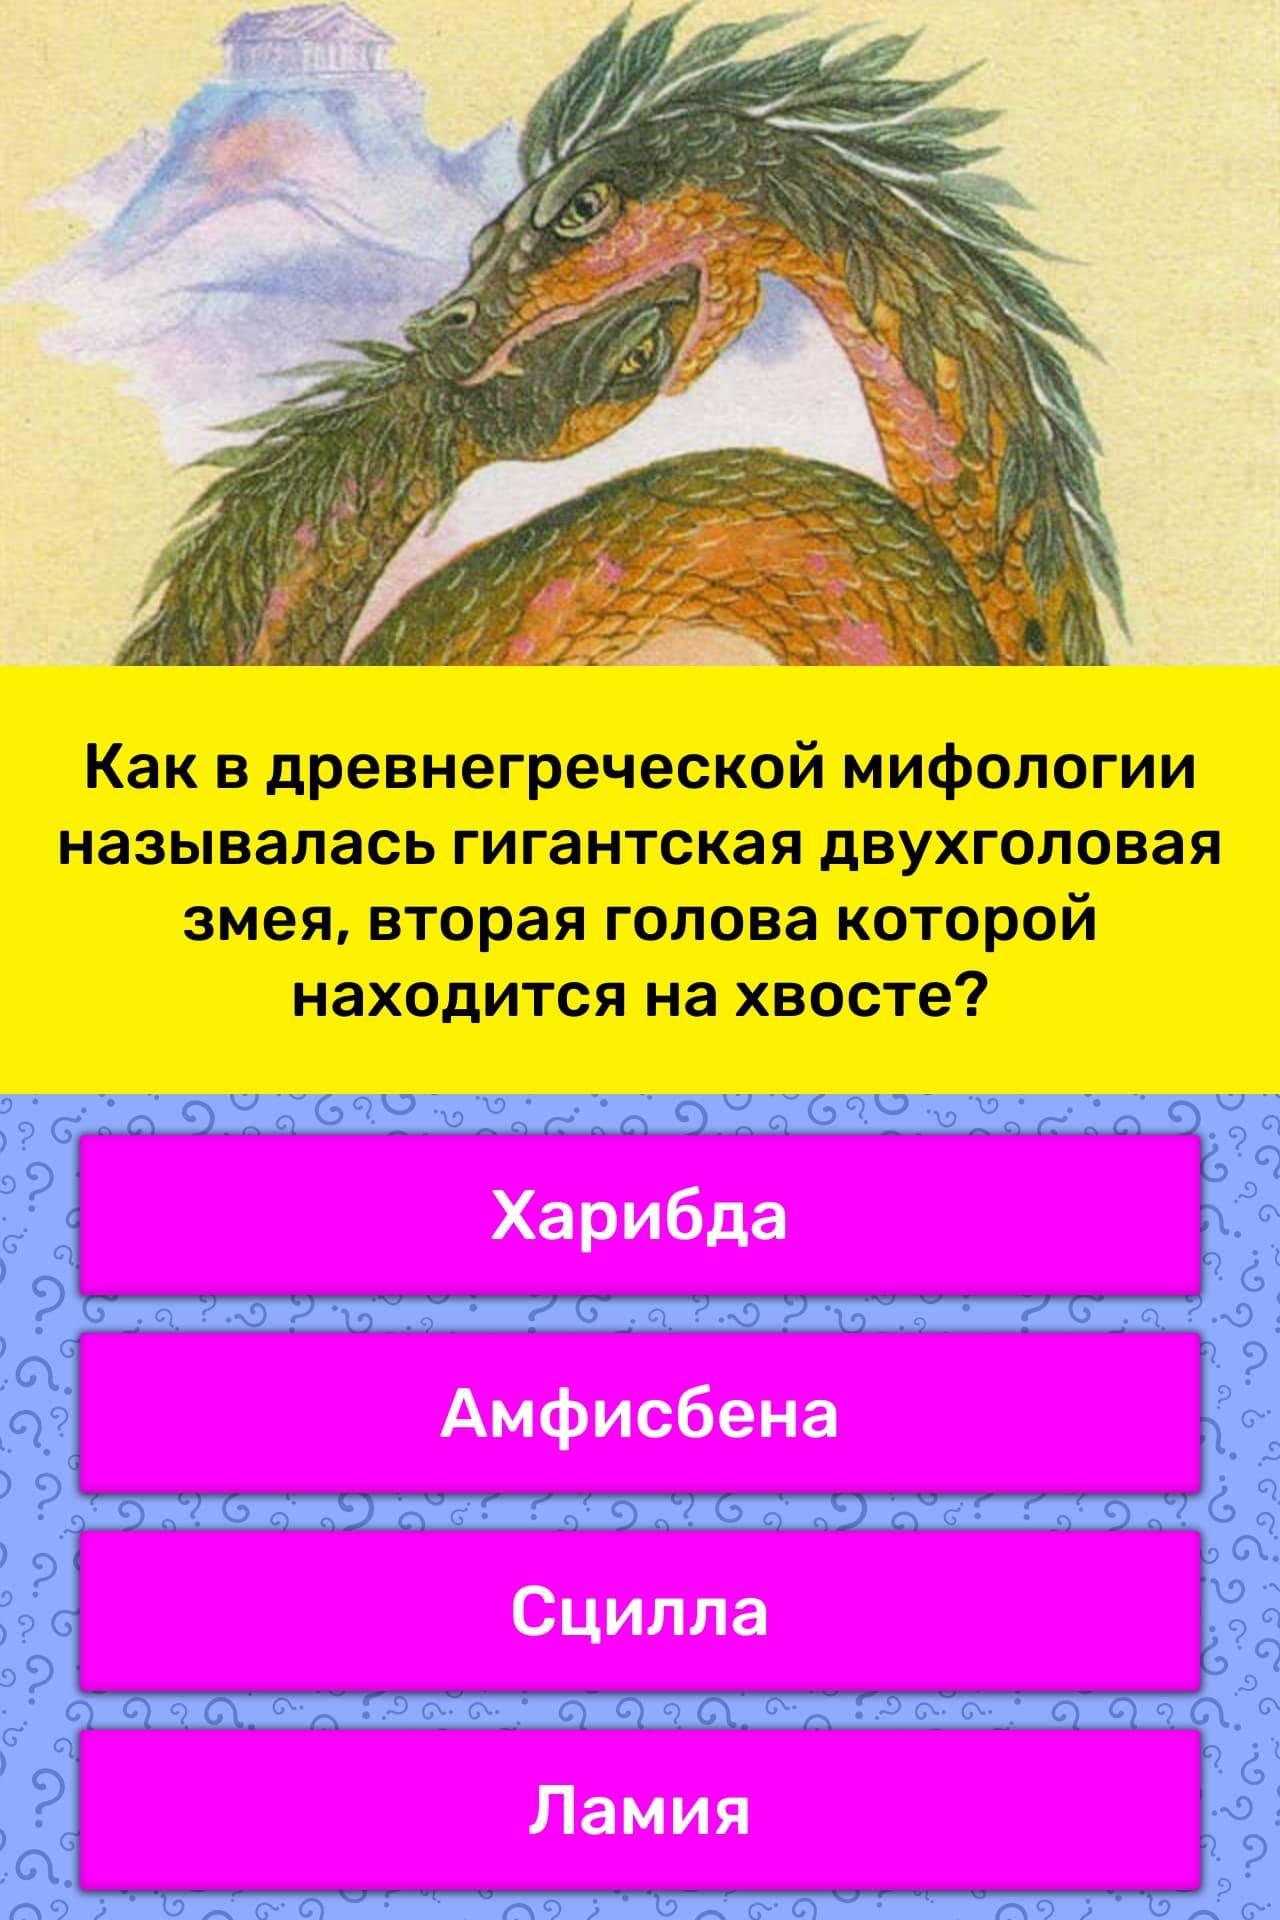 Рогатая гадюка. рогатая гадюка: как выглядит, где водится, чем опасна. персидская рогатая гадюка – ядовитая змея